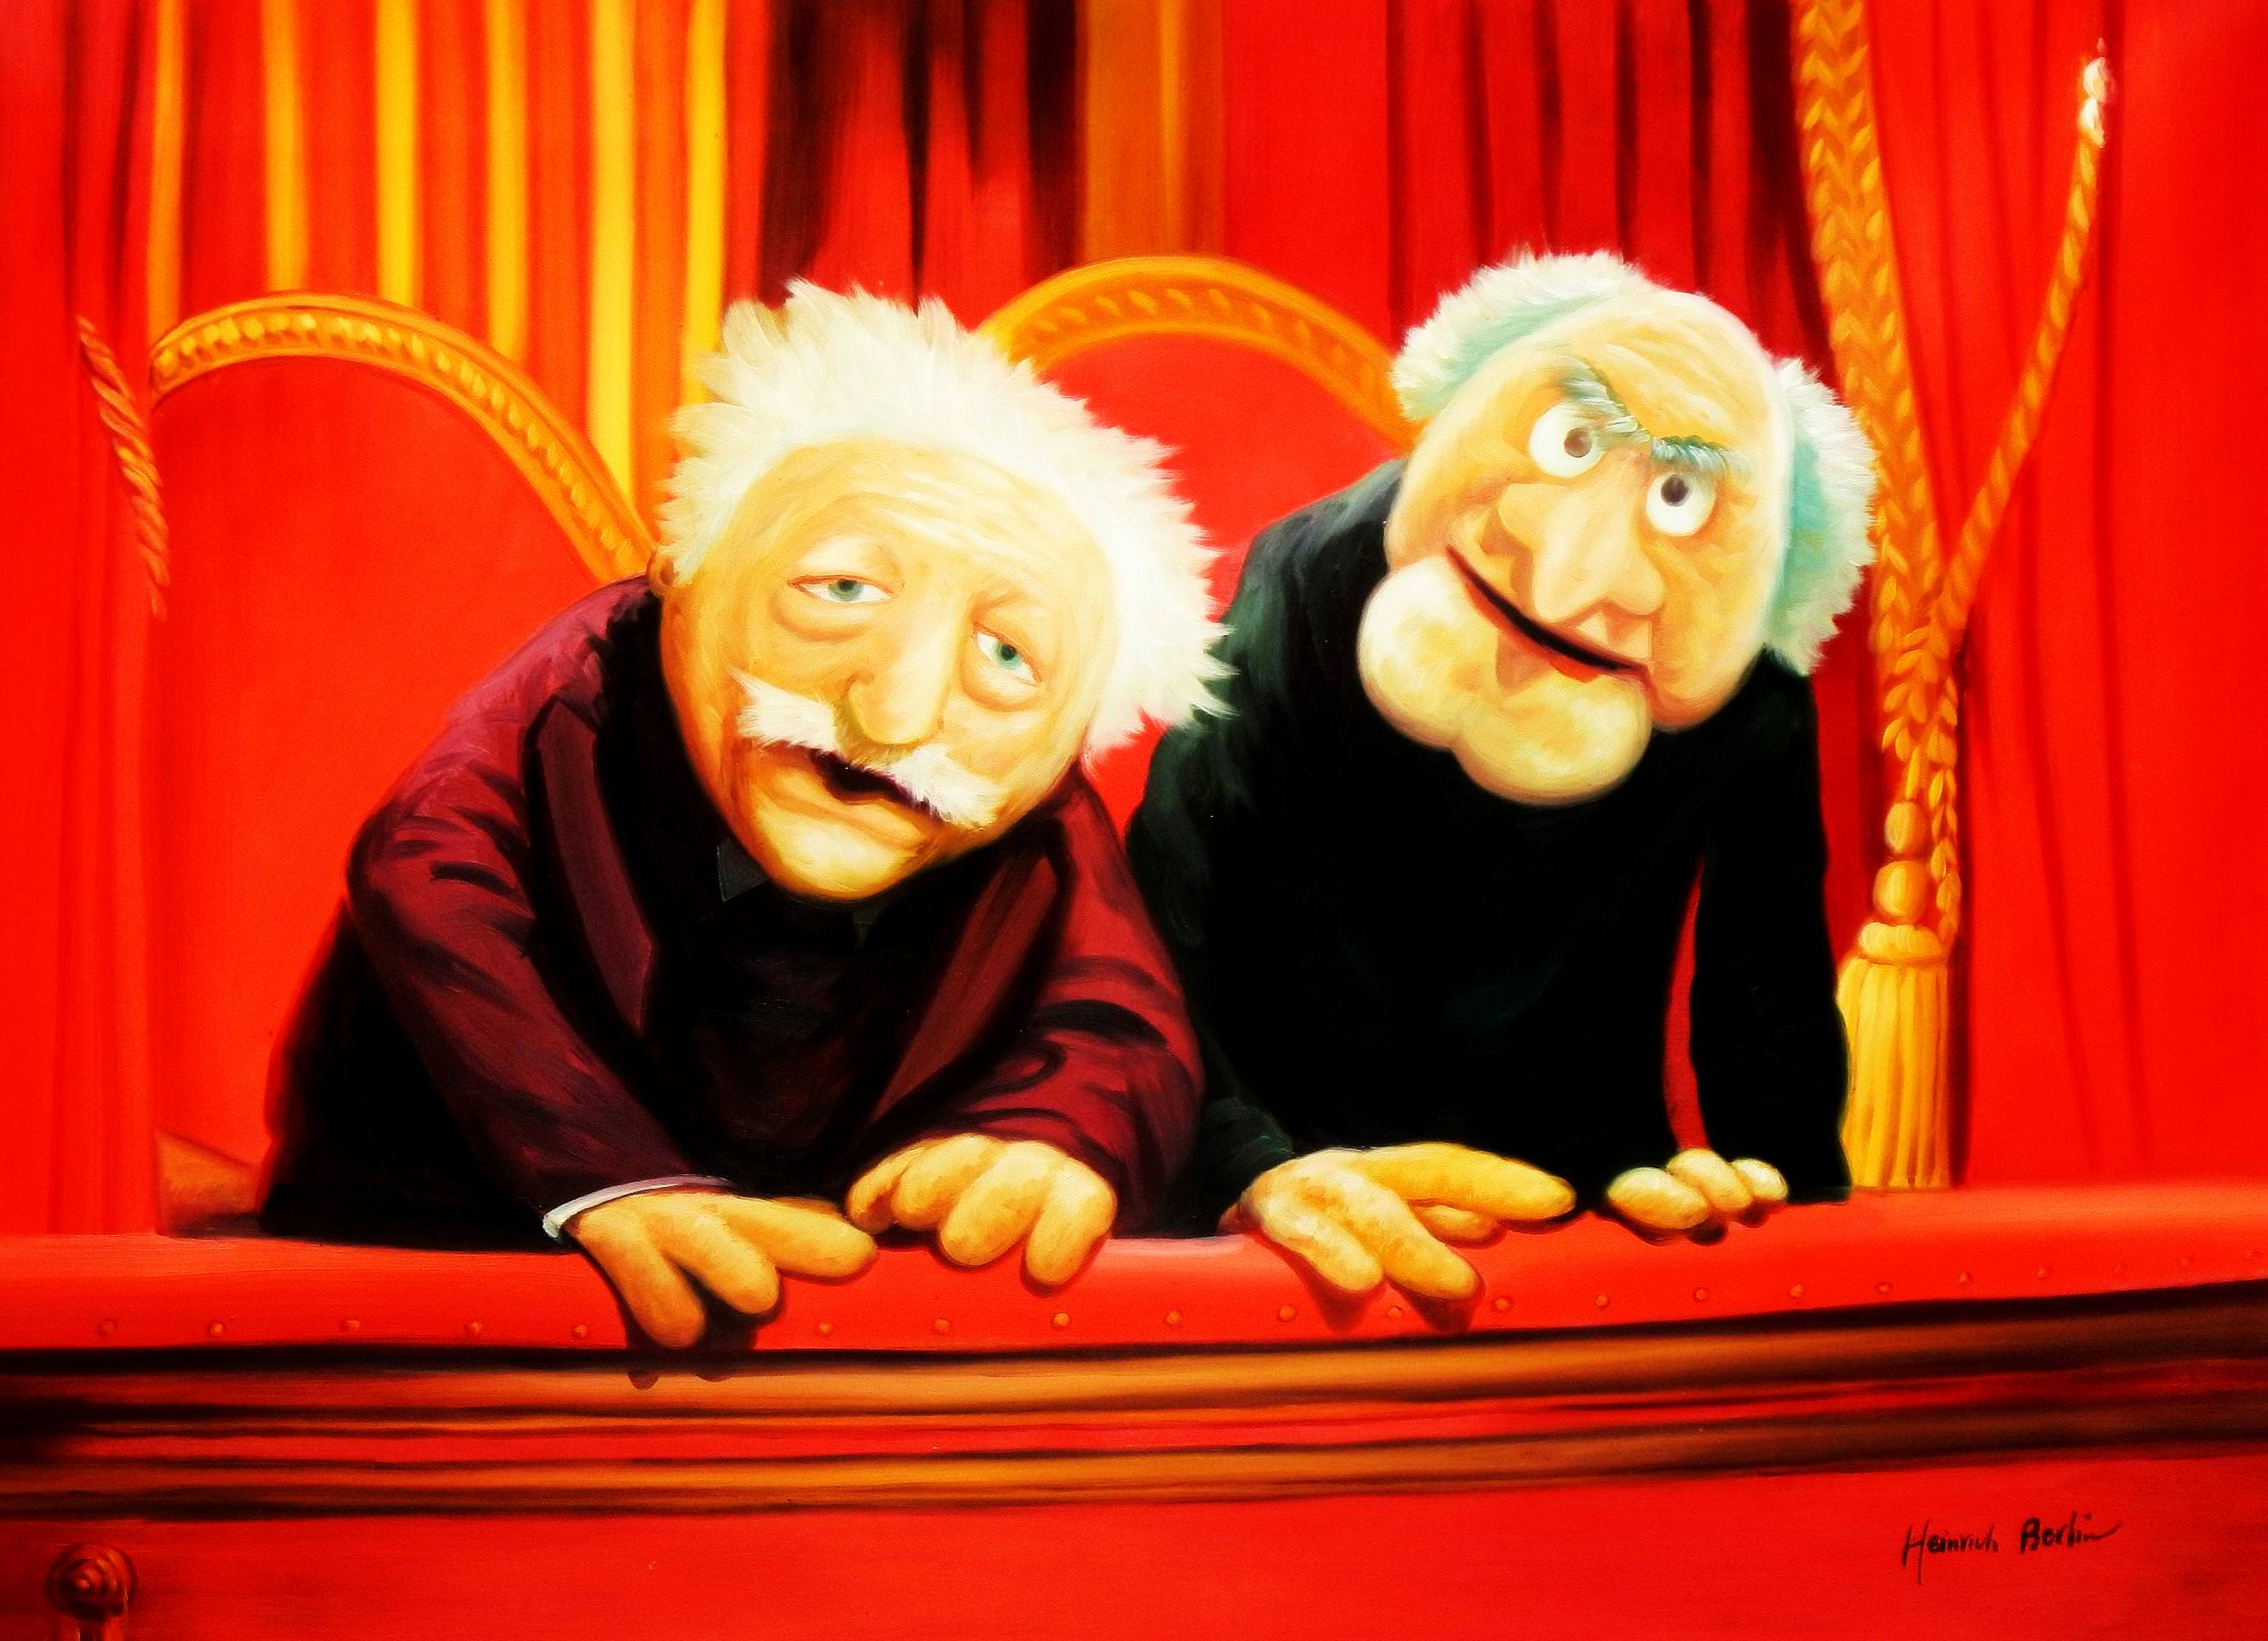 Muppet Opas Waldorf & Statler Pop Art i93520 80x110cm großartiges Ölbild